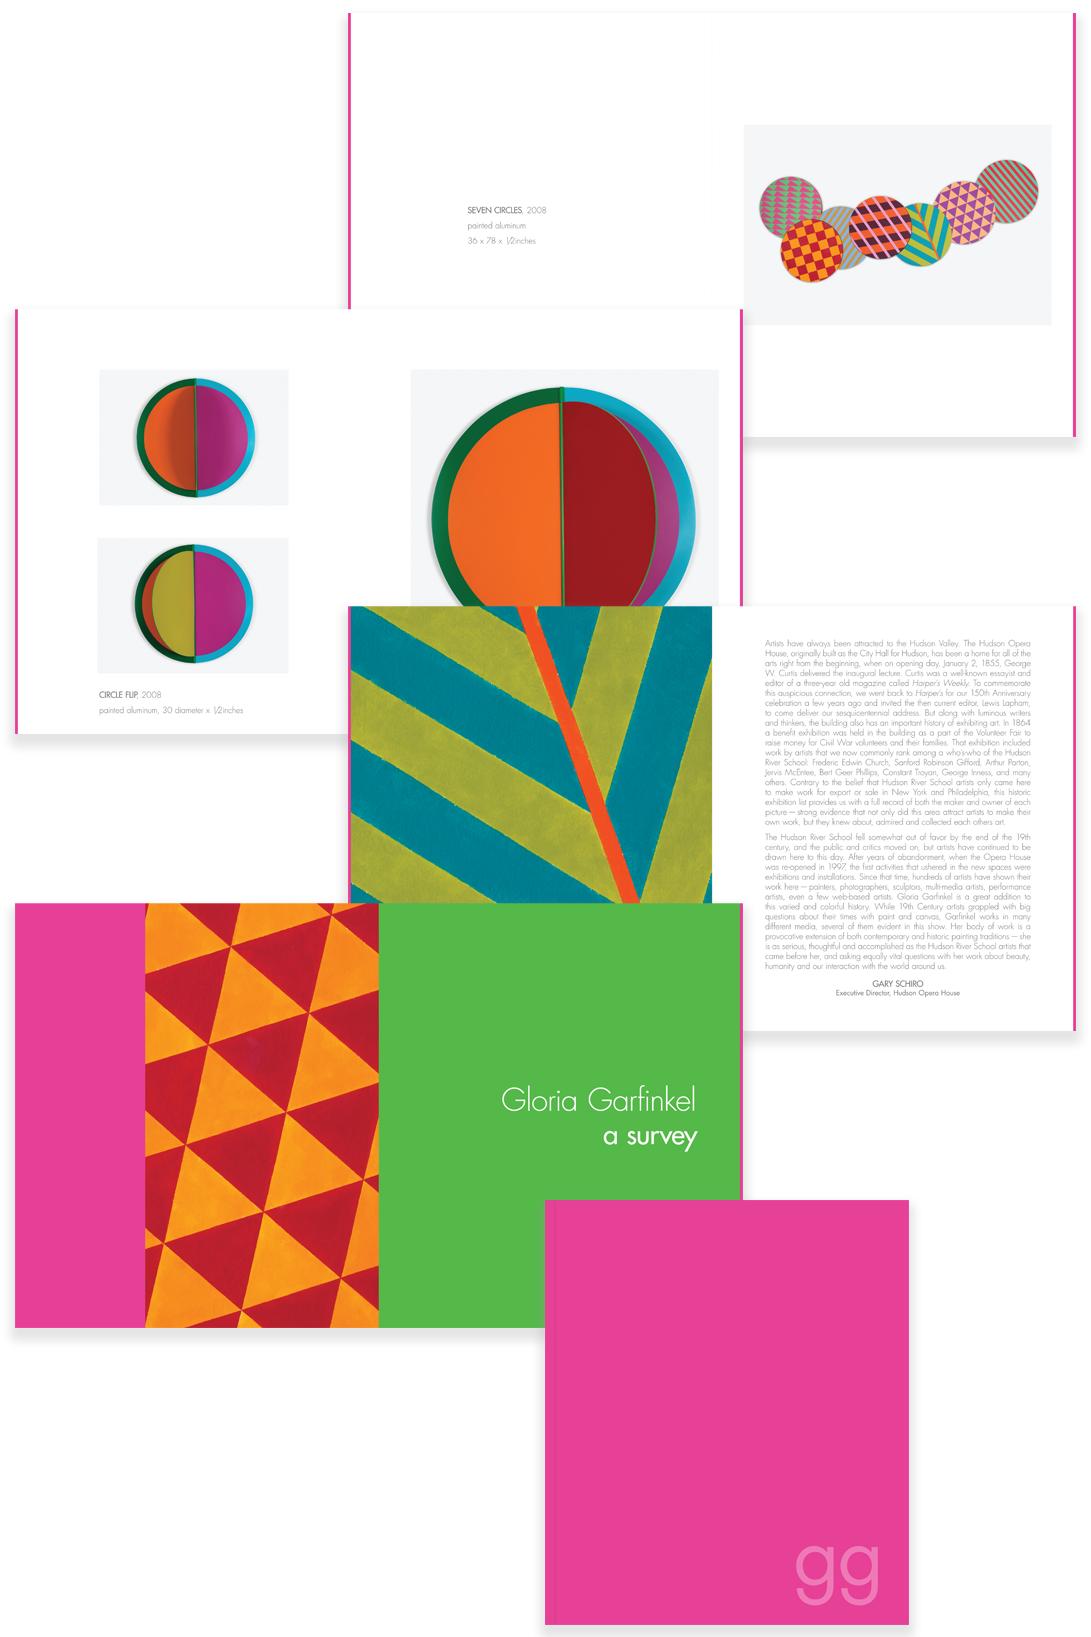 gg-catalog_01